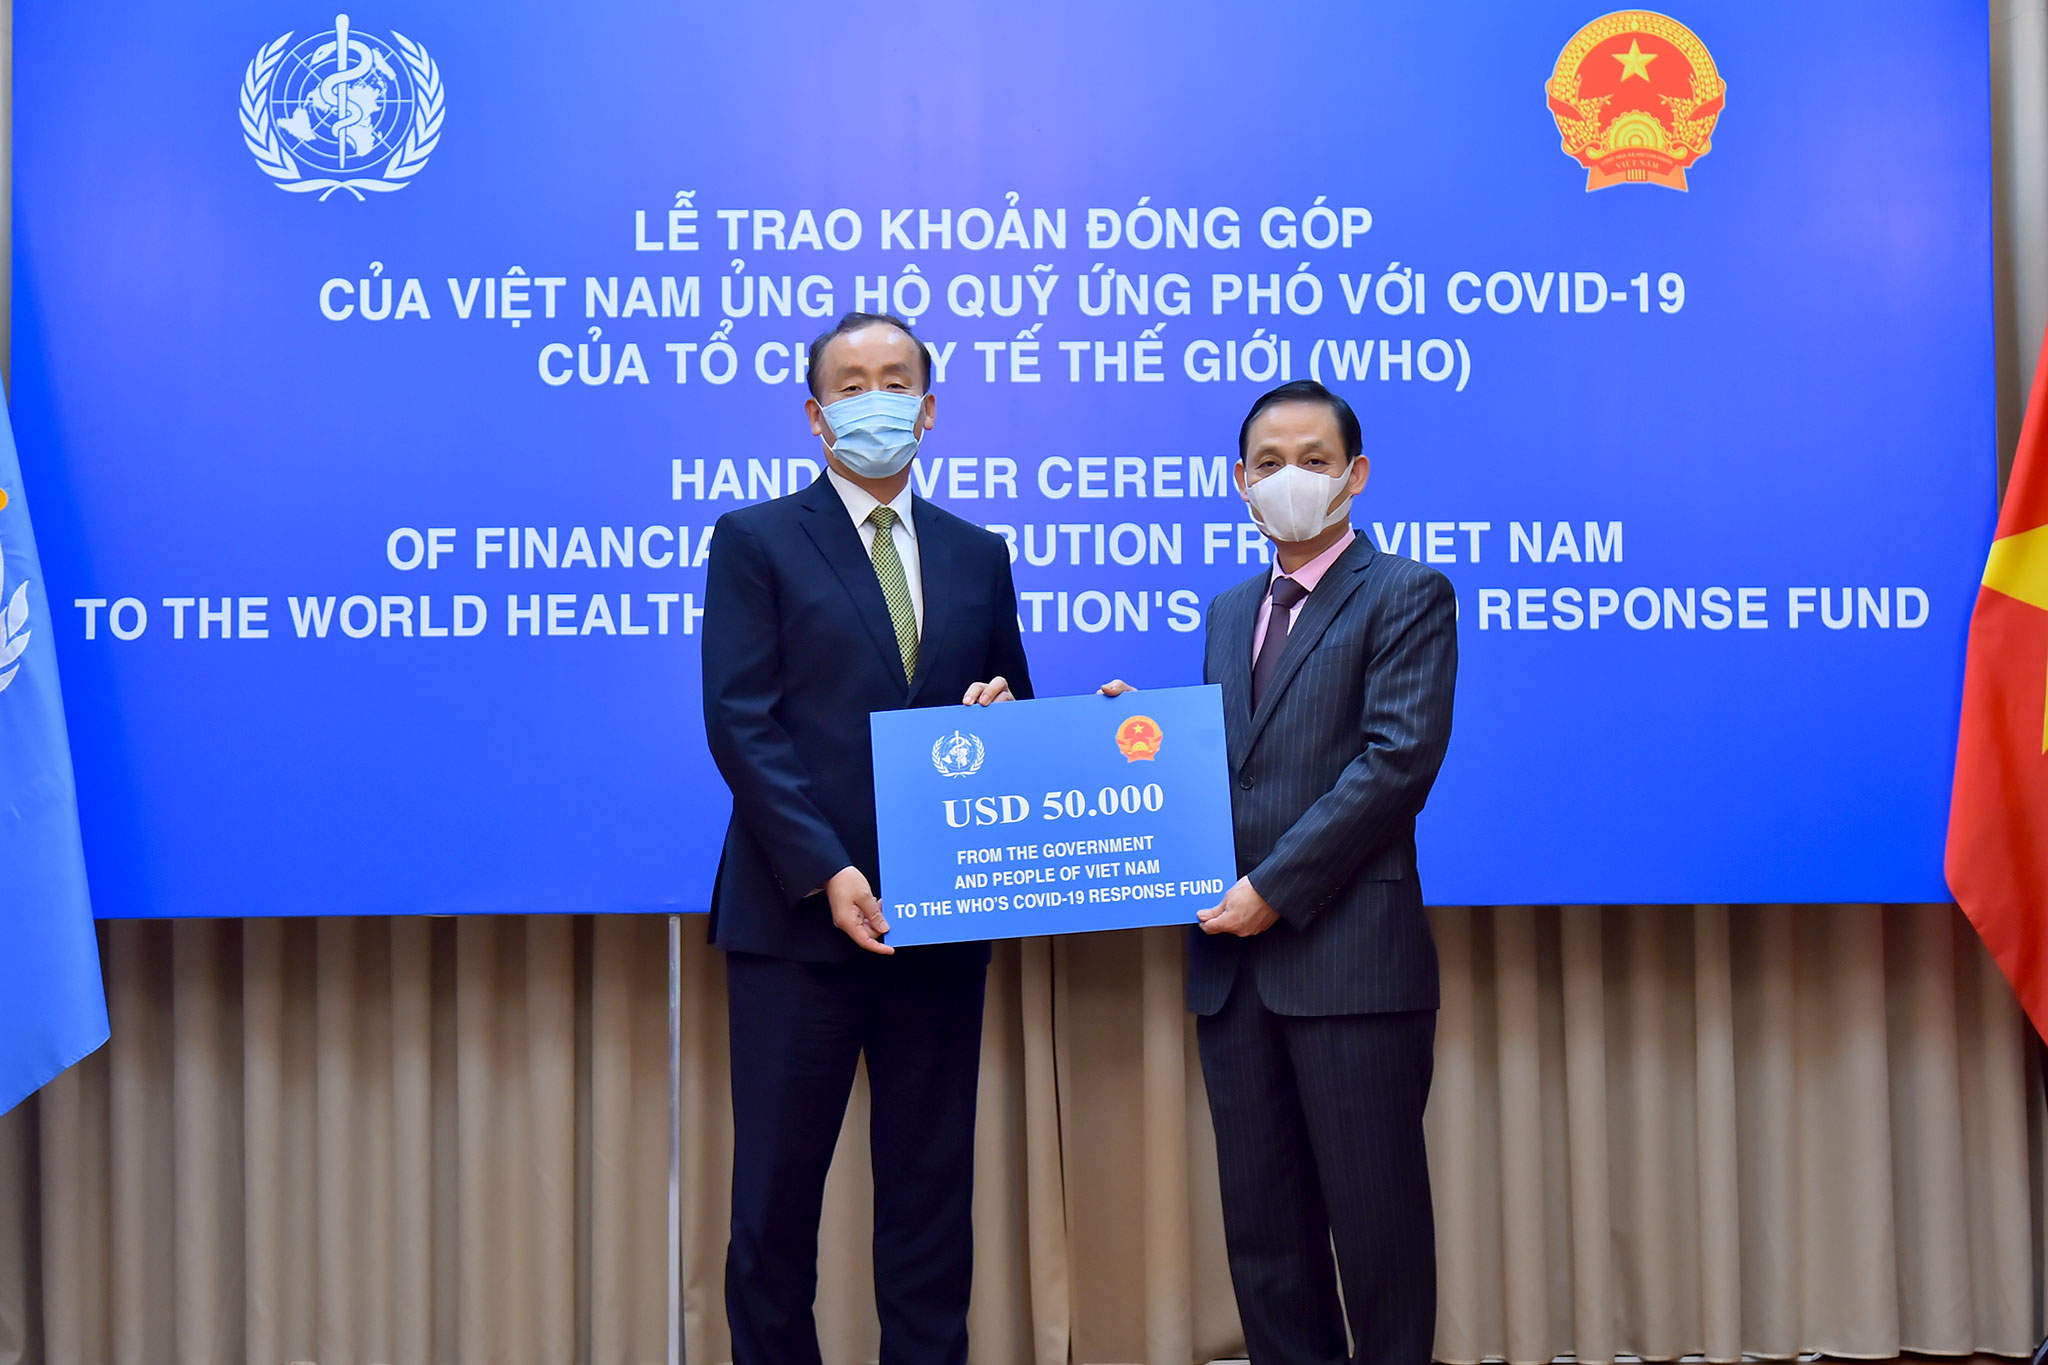 Việt Nam ủng hộ Quỹ ứng phó với COVID-19 của WHO